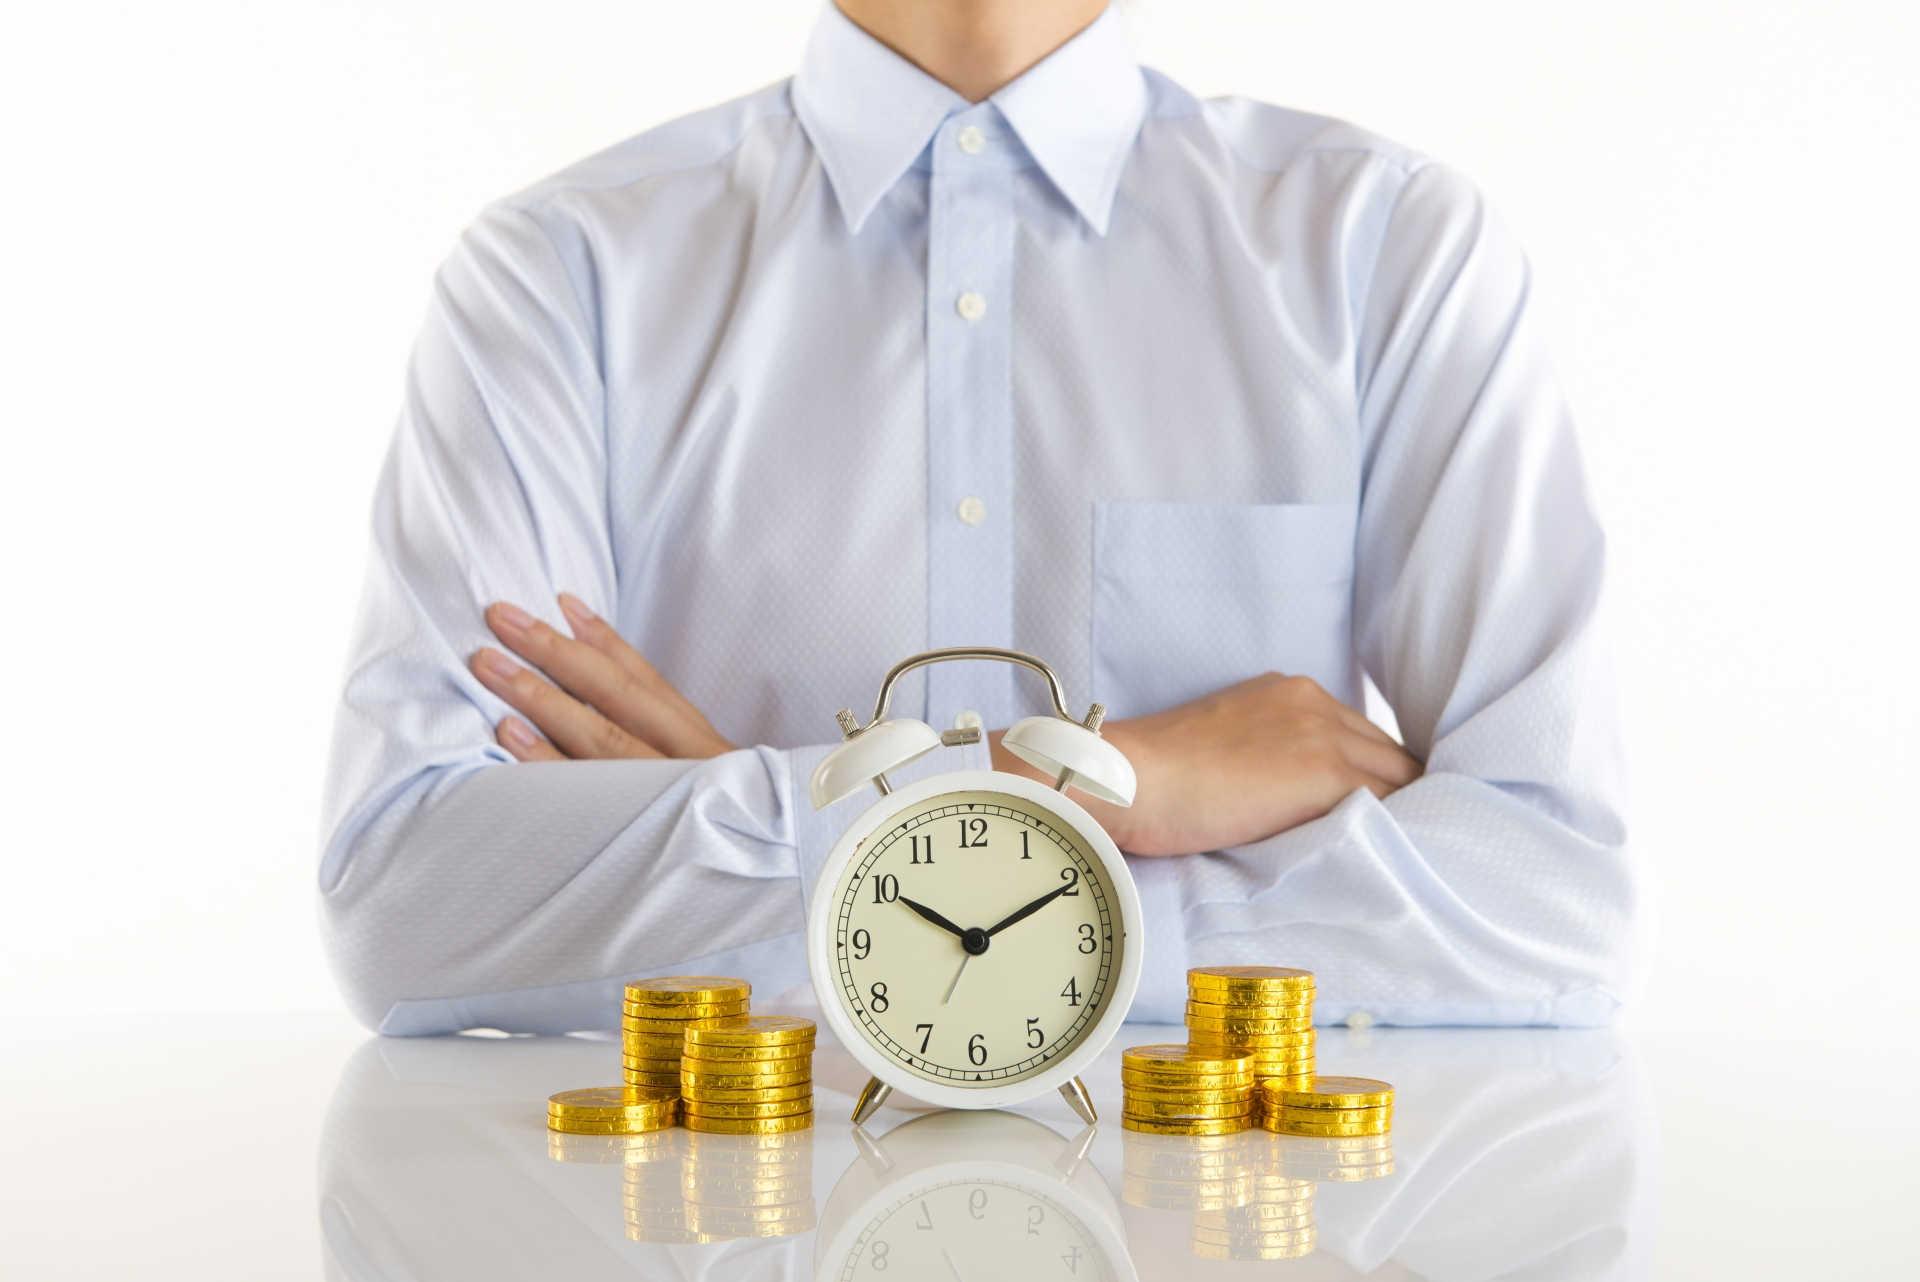 腕を組む男性とテーブルの上にある時計とコイン